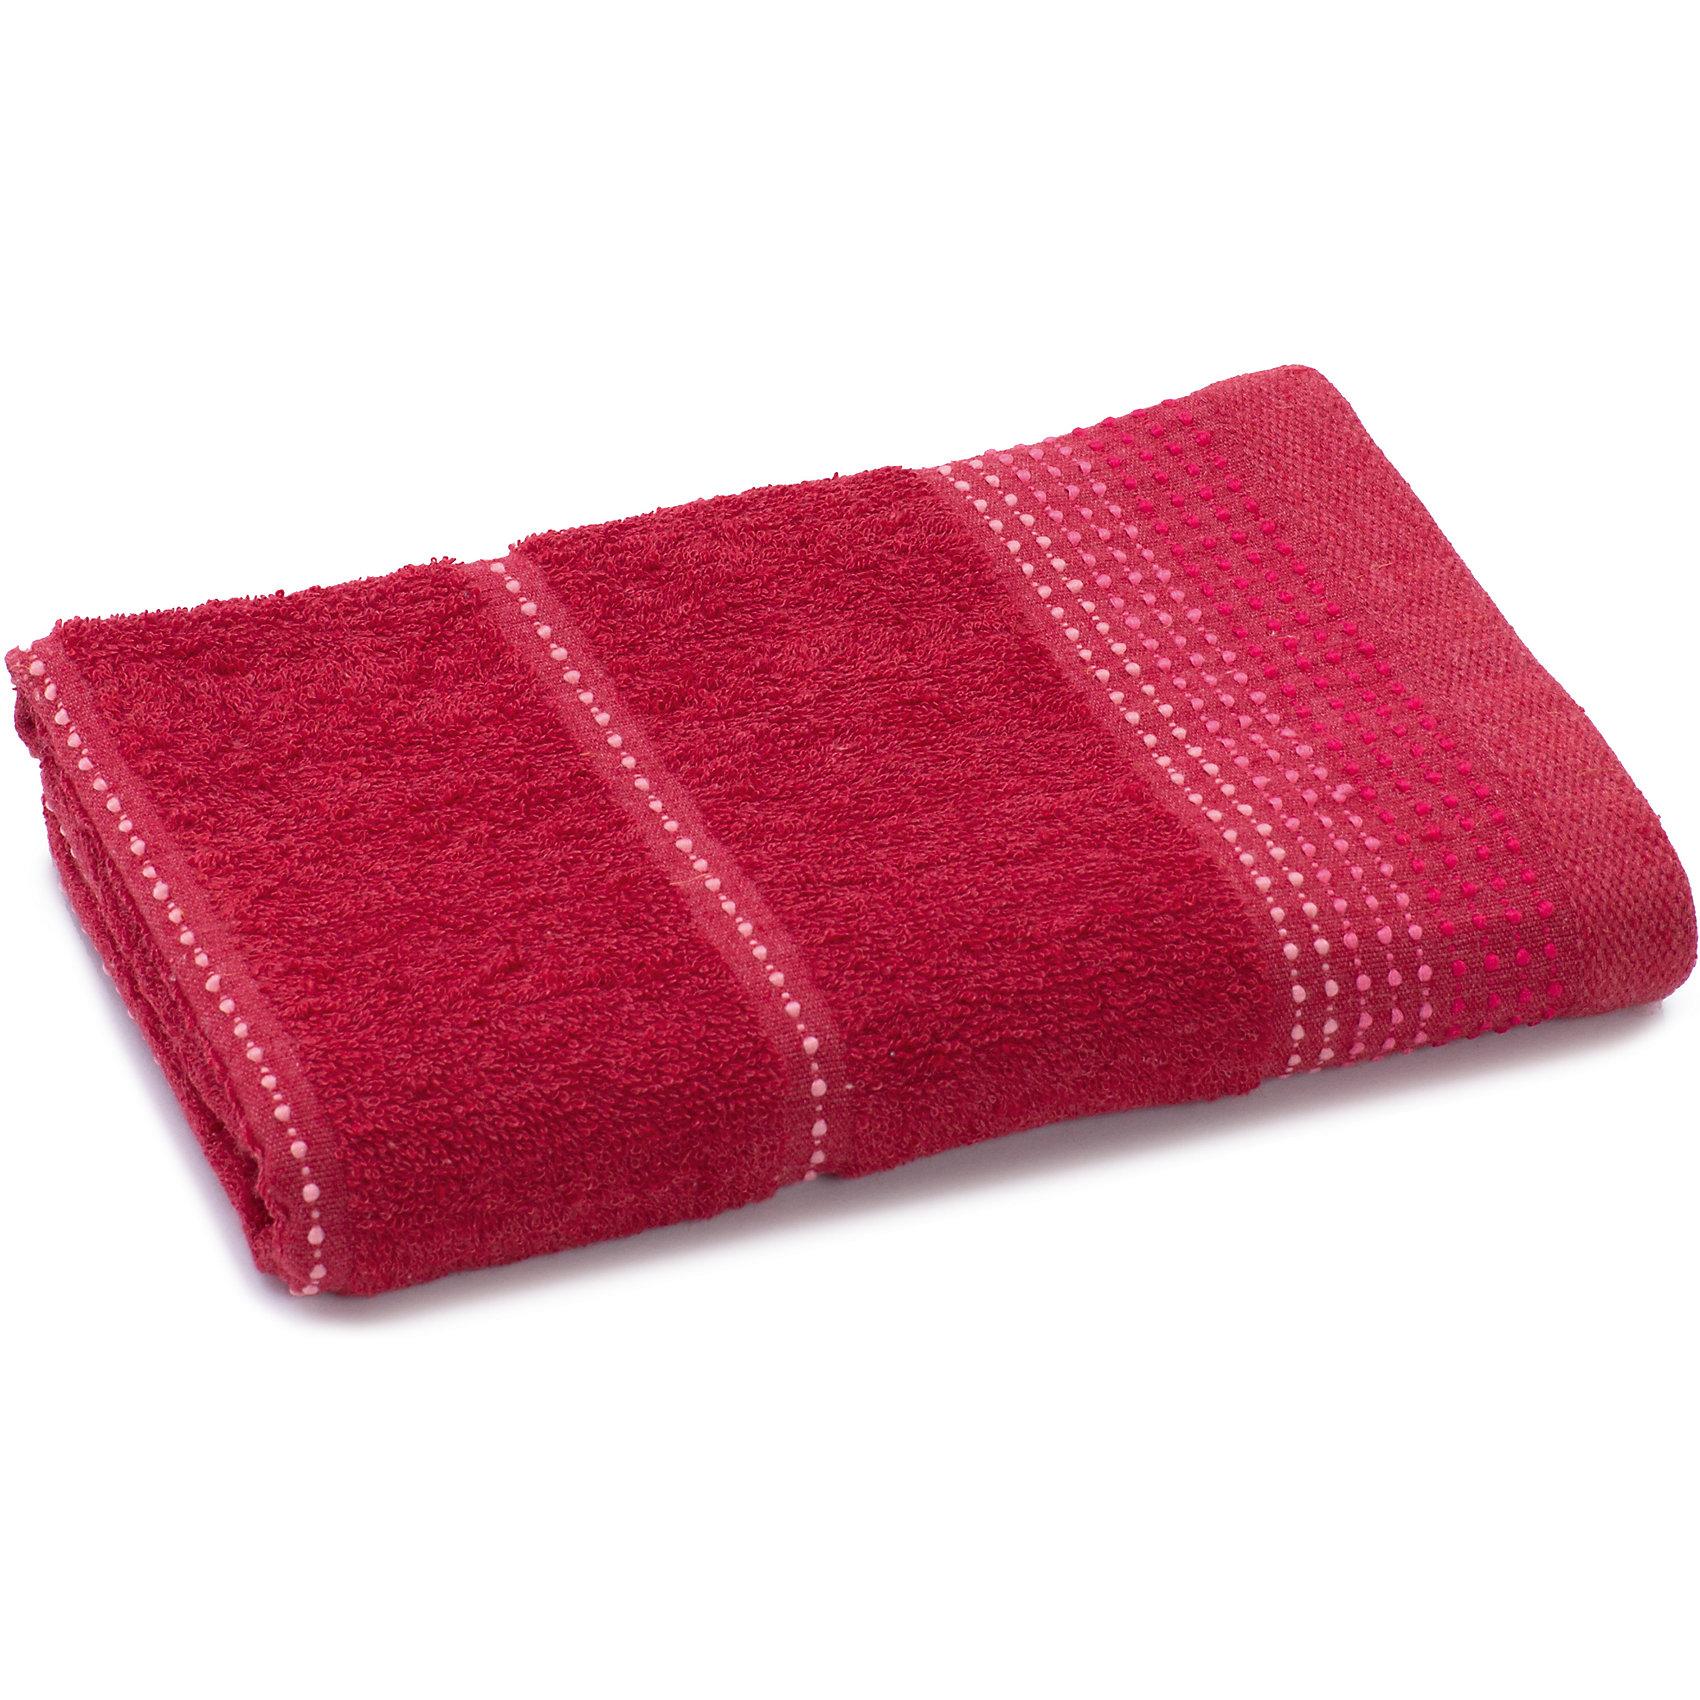 Полотенце махровое Клео 60*130, Любимый дом, малиновыйМахровое полотенце Клео очень мягкое и приятное телу. Оно изготовлено из качественного хлопка, отлично впитывает влагу. Полотенце украшено контрастной вышивкой по краю. Отлично впишется в вашу ванную комнату.<br><br>Дополнительная информация:<br>Материал: 100% хлопок<br>Цвет: малиновый<br>Размер: 60х130 см<br>Торговая марка: Любимый дом<br><br>Вы можете приобрести махровое полотенце Клео в нашем интернет-магазине.<br><br>Ширина мм: 500<br>Глубина мм: 500<br>Высота мм: 200<br>Вес г: 300<br>Возраст от месяцев: 0<br>Возраст до месяцев: 144<br>Пол: Унисекс<br>Возраст: Детский<br>SKU: 5010970